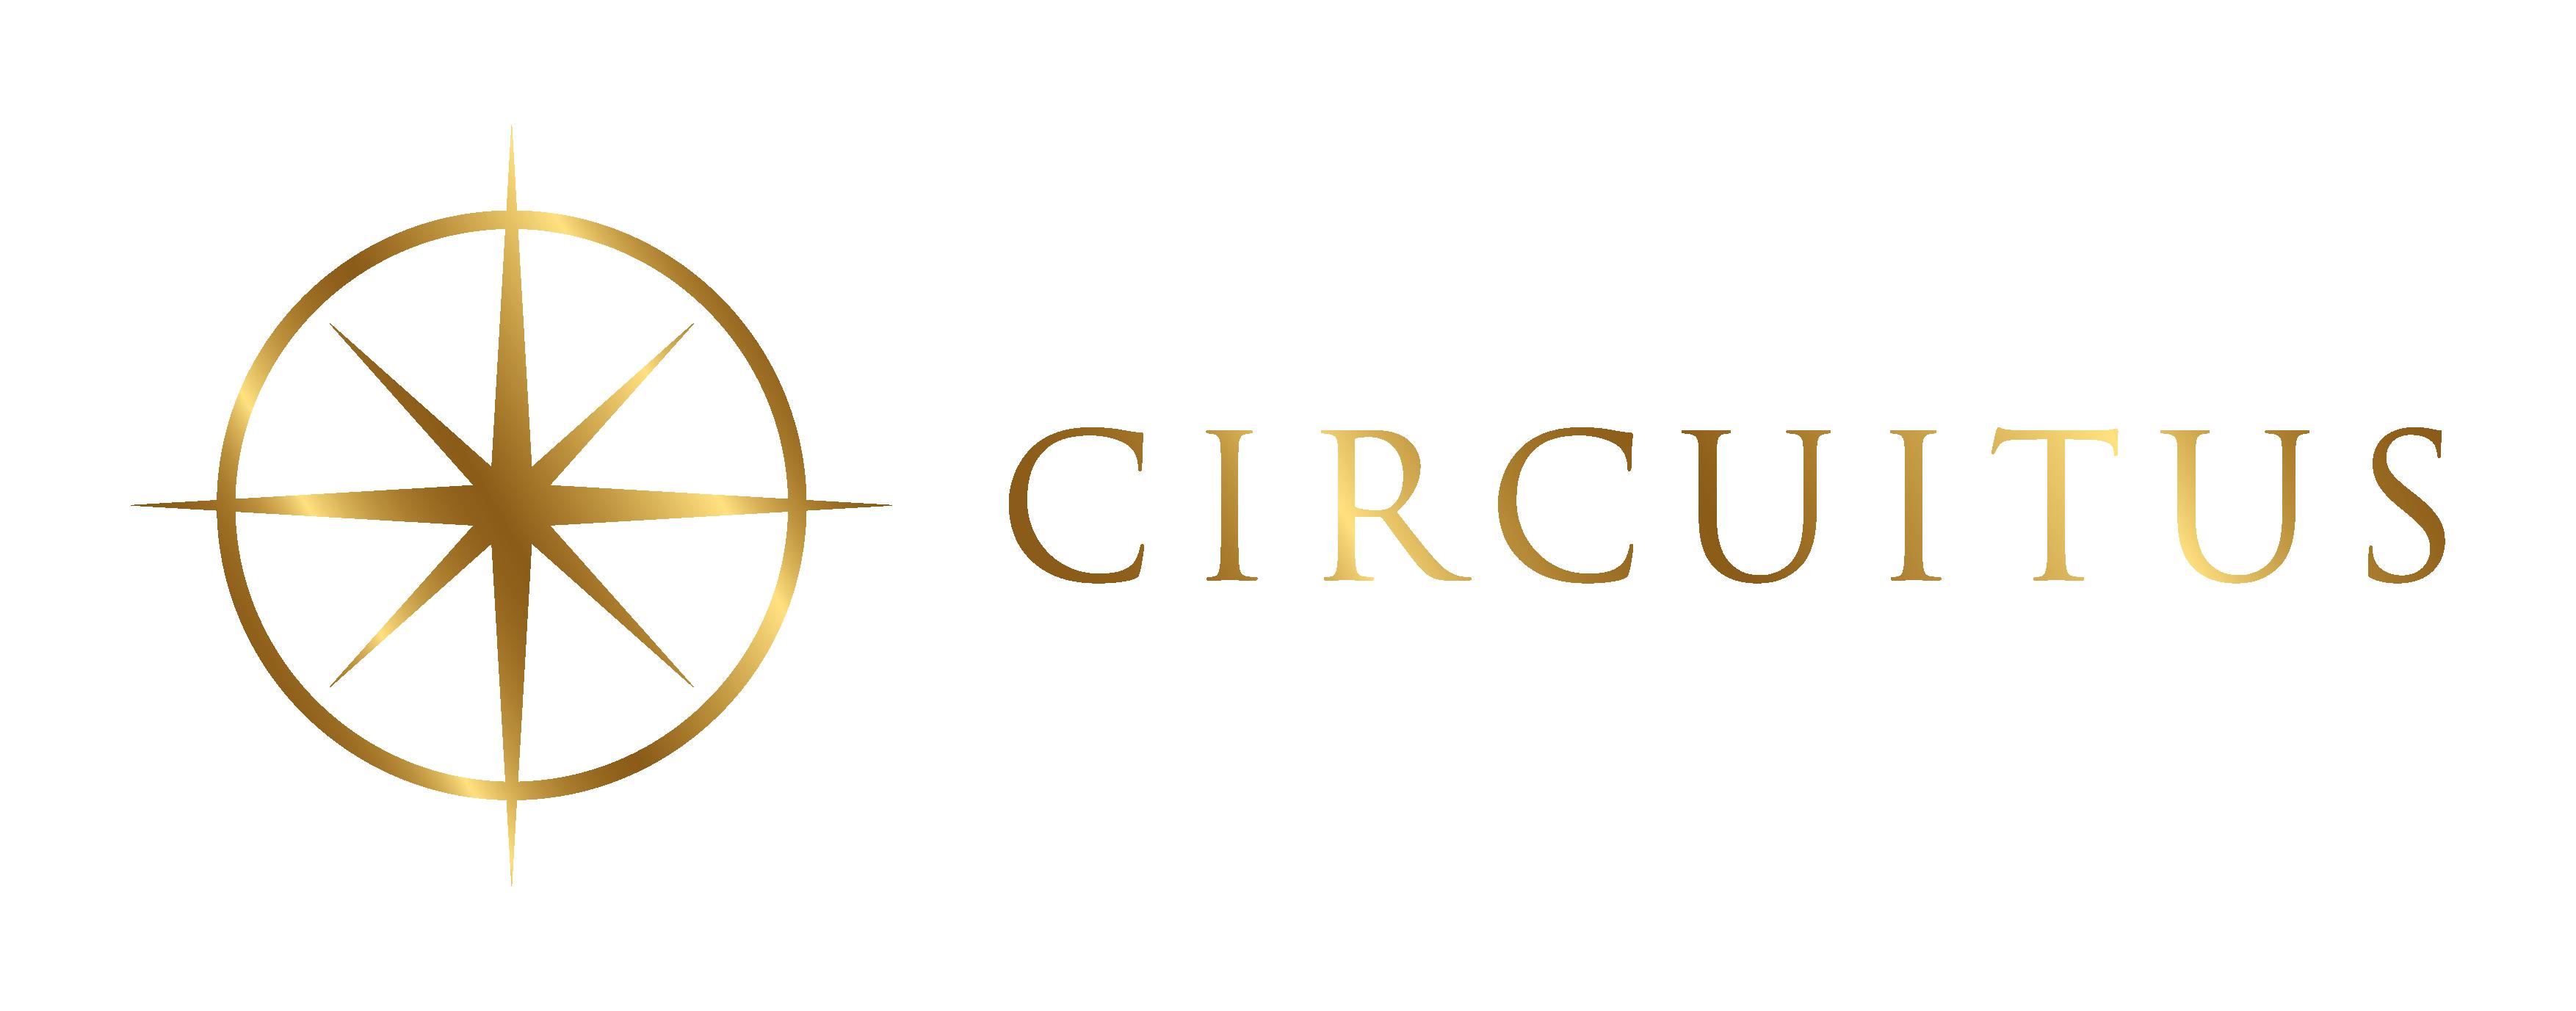 Circuitus Capital